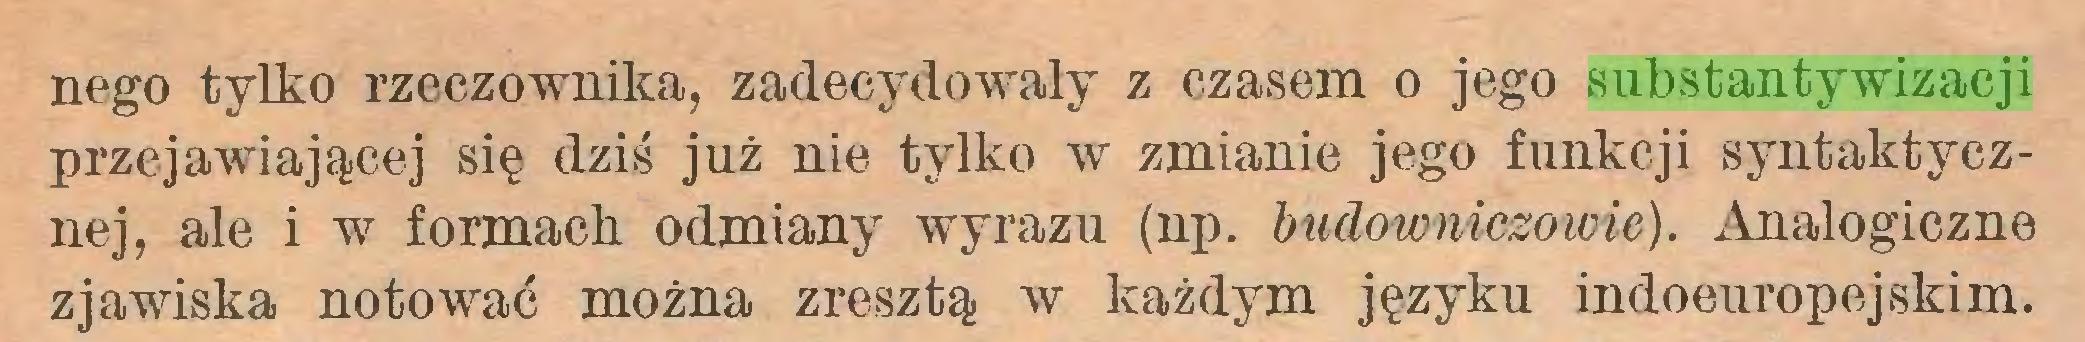 (...) nego tylko rzeczownika, zadecydowały z czasem o jego substantywizacji przejawiającej się dziś jnż nie tylko w zmianie jego funkcji syntaktycznej, ale i w formach odmiany wyrazu (np. budowniczowie). Analogiczne zjawiska notować można zresztą w każdym języku indoeuropejskim...